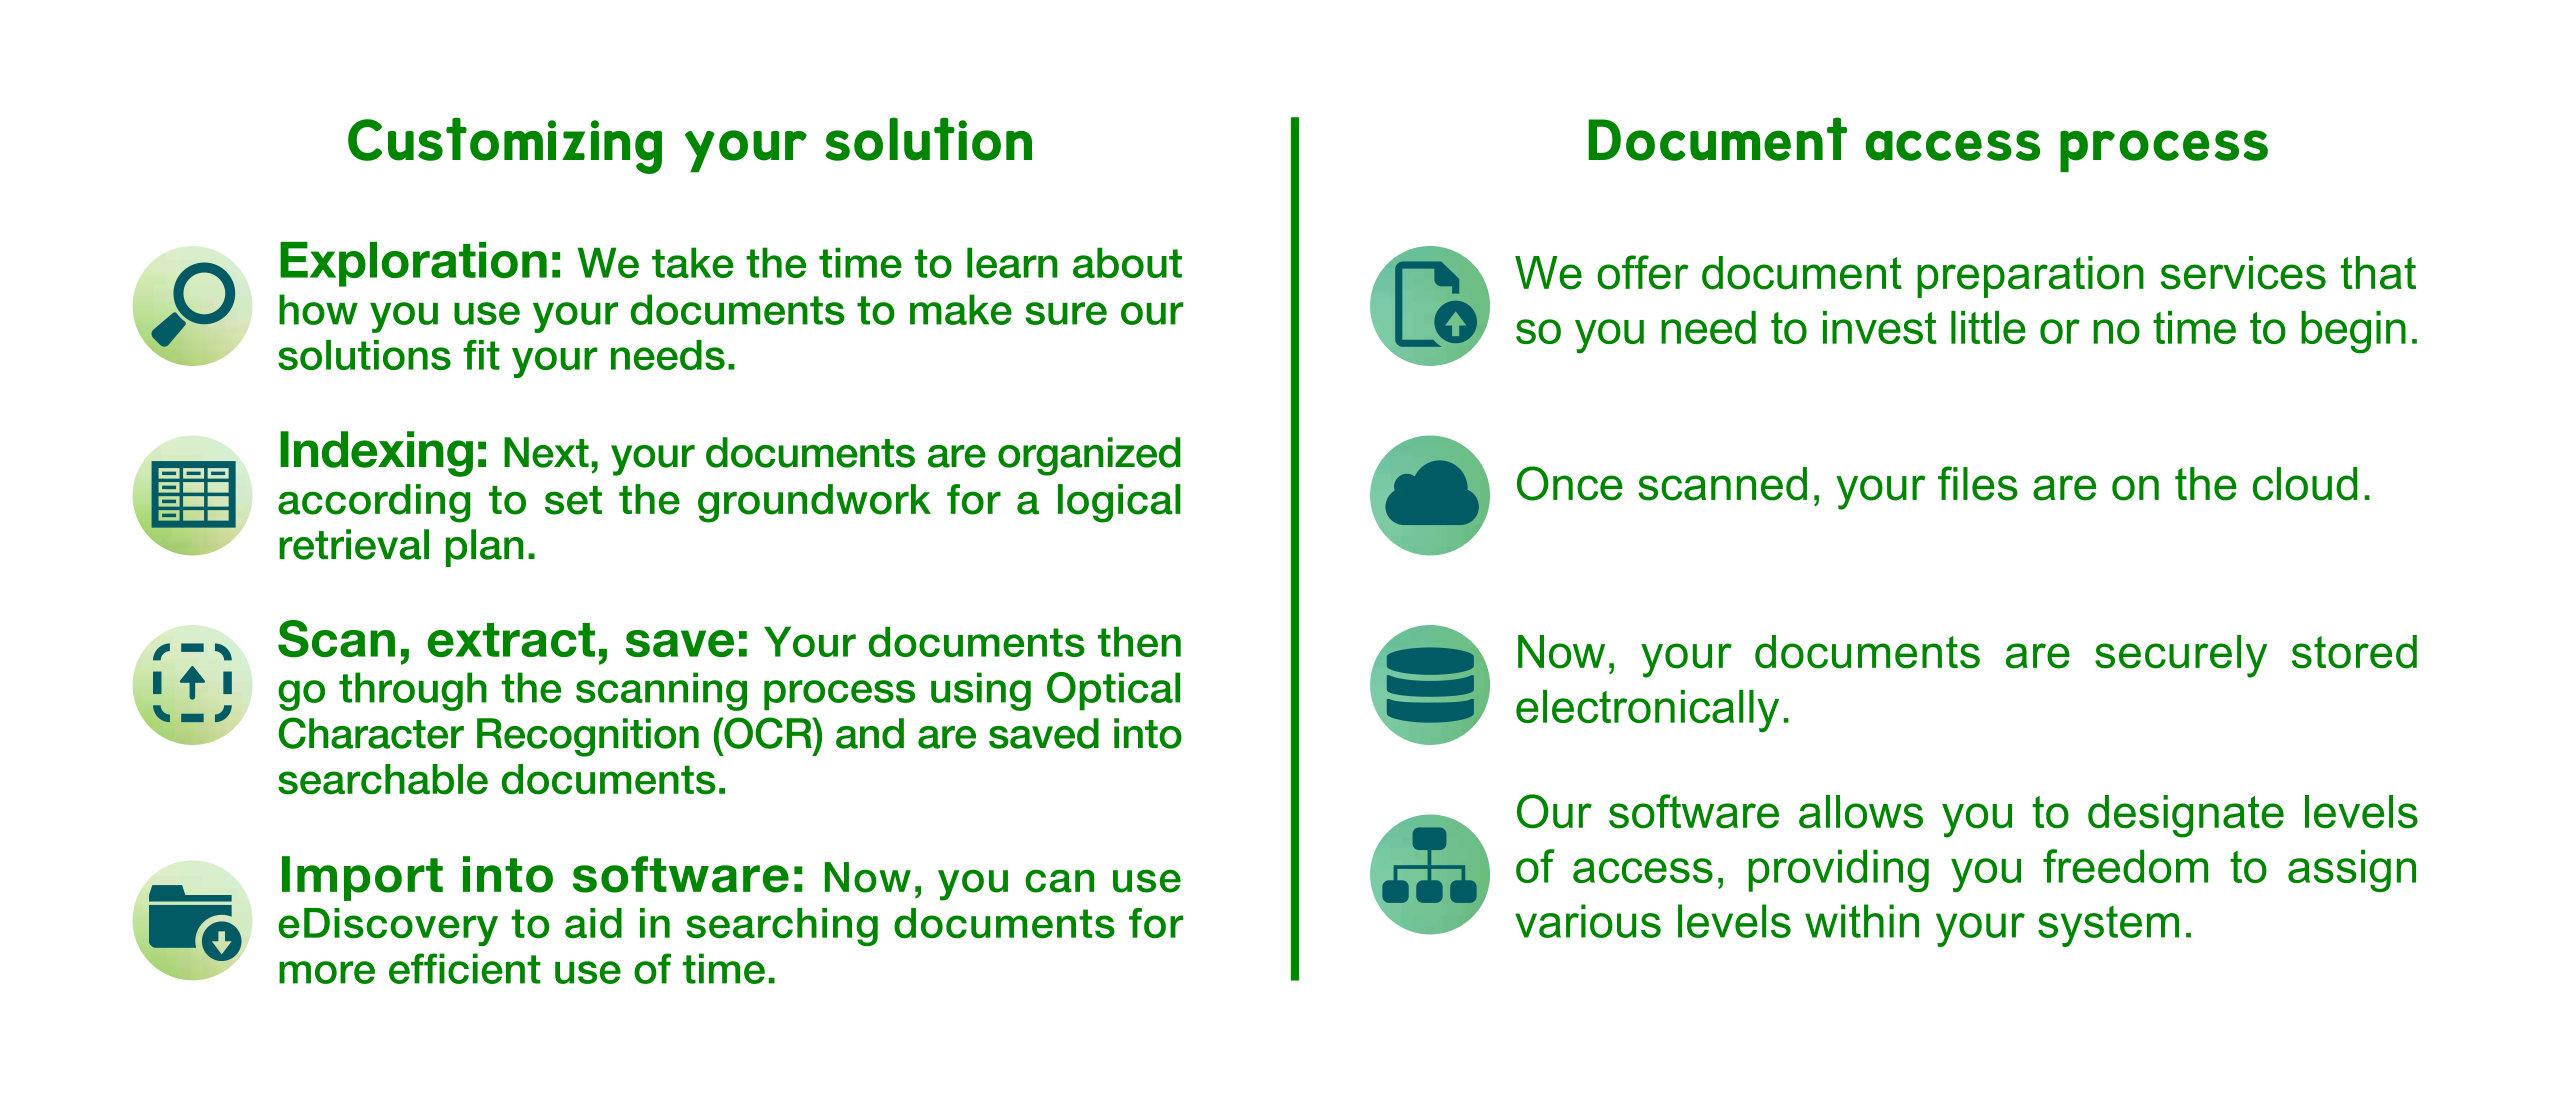 DI & Legal - Information Controls